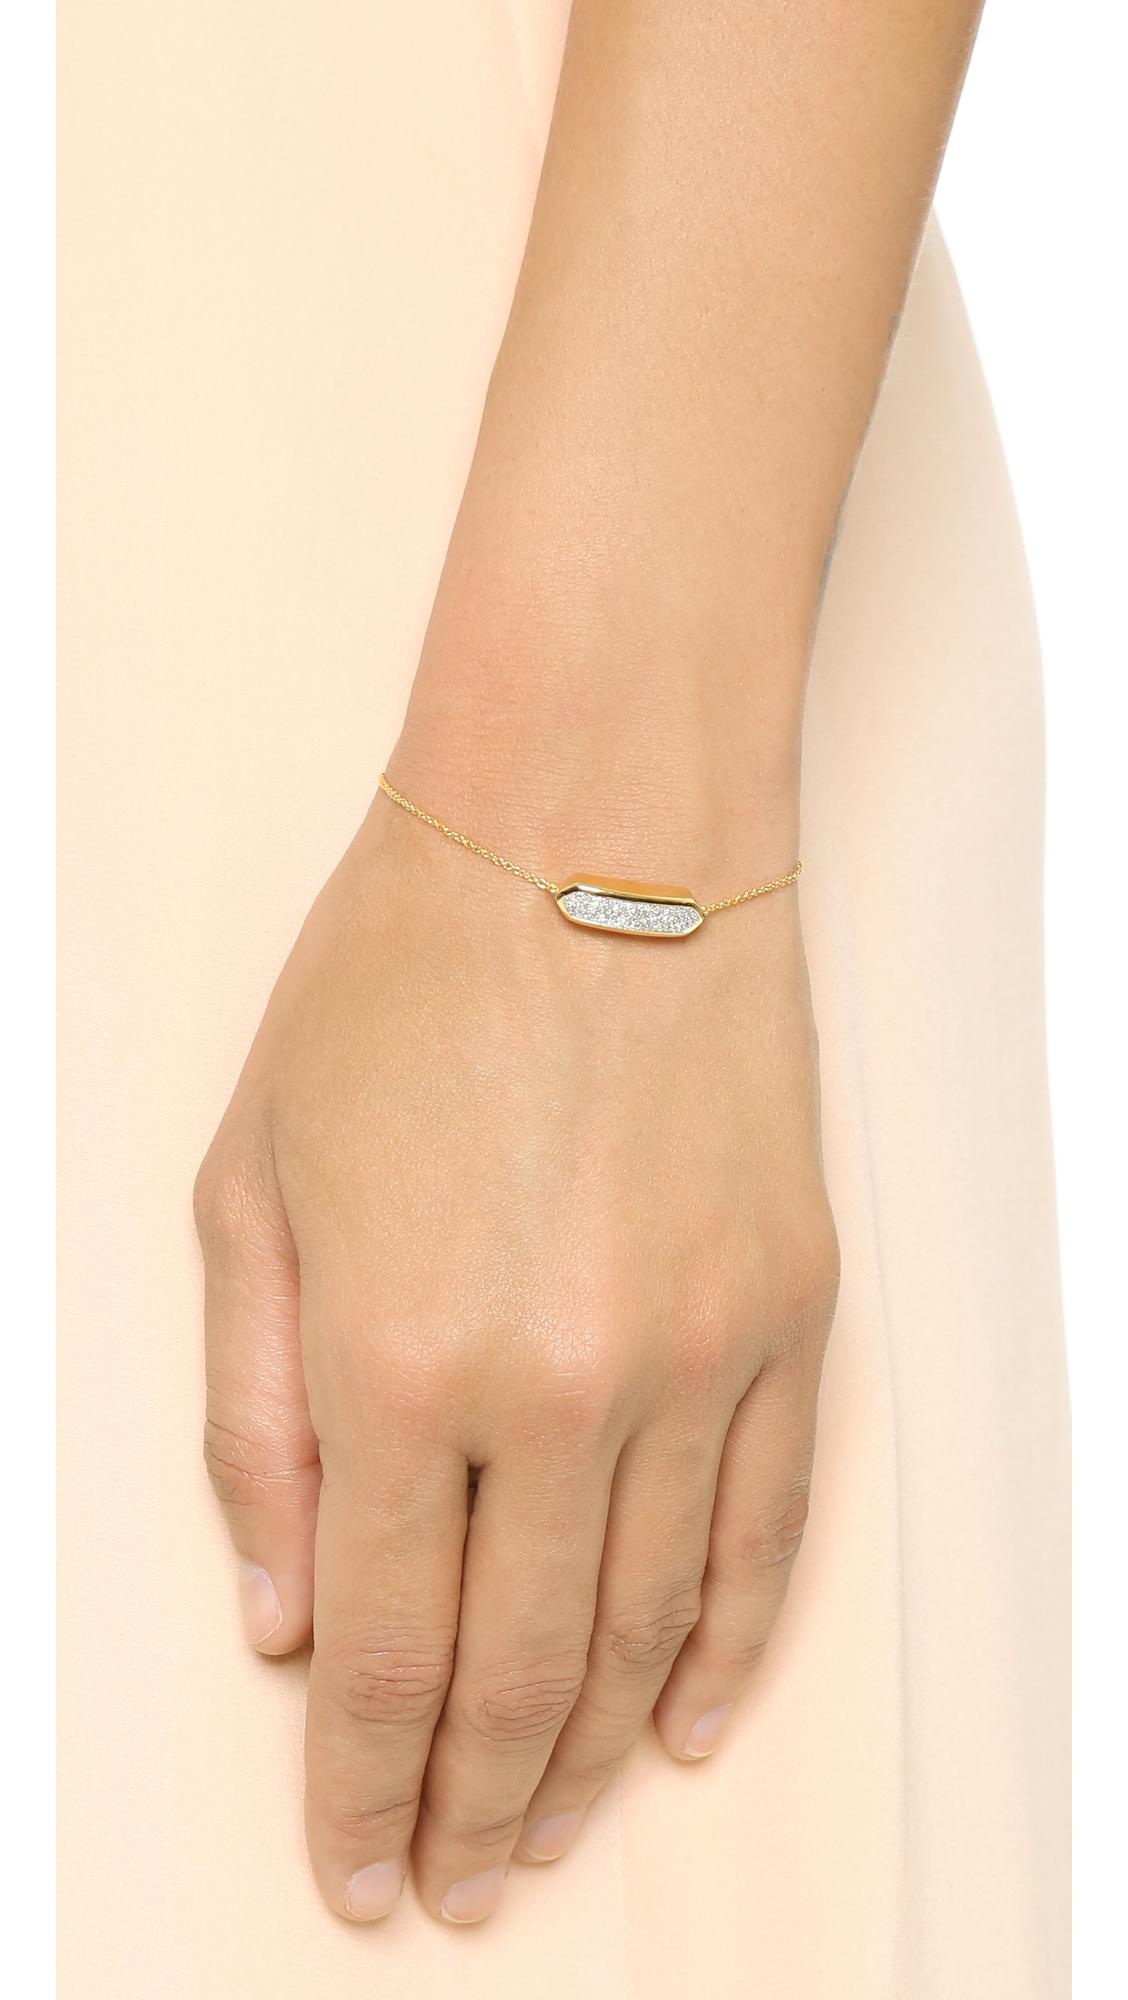 Rose Bracelet En Or Diamant Baja Déco Diamant Monica Vinader dOVve3eS